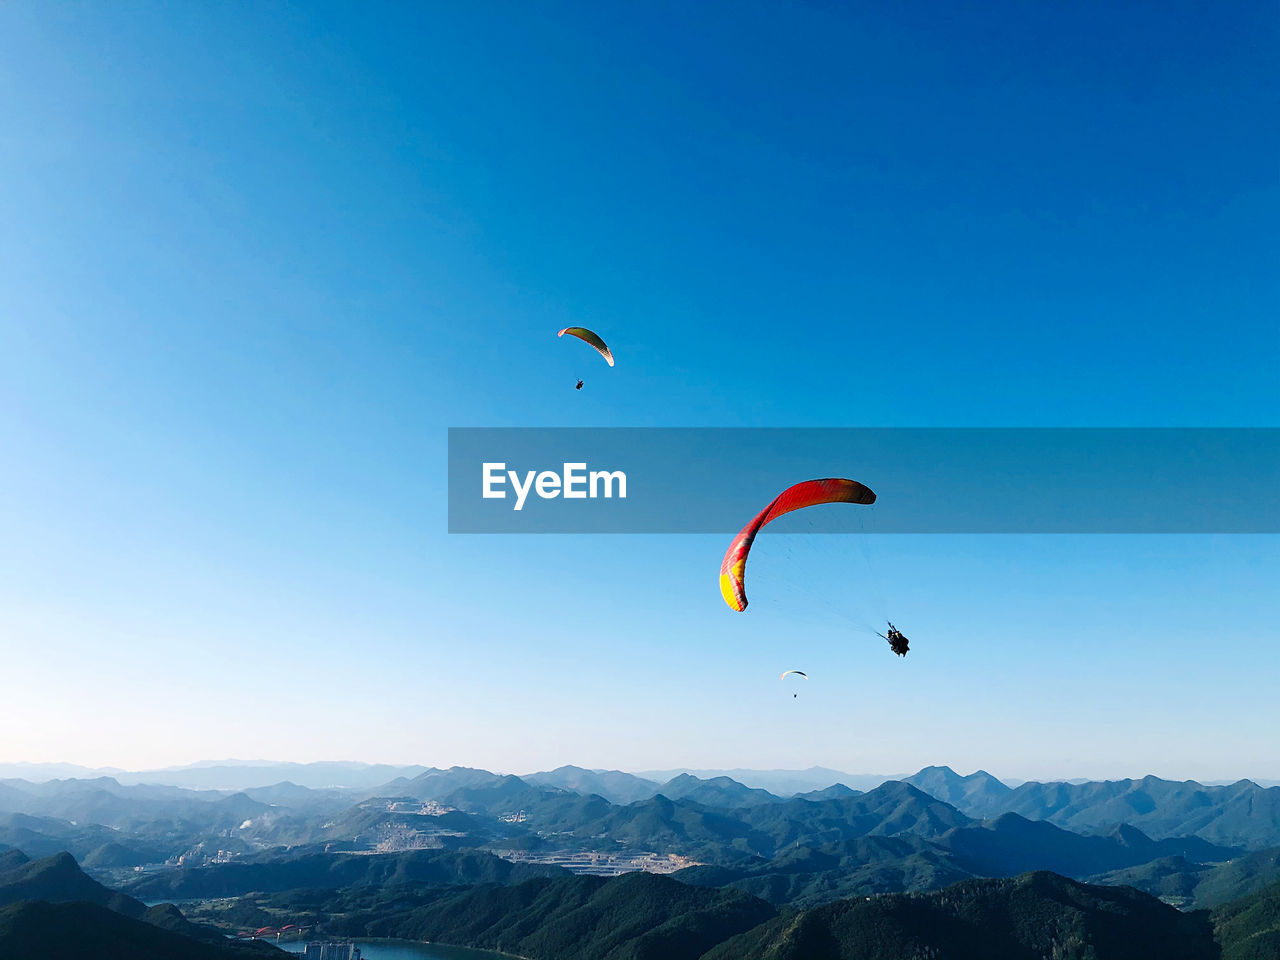 Kite flying over mountain against blue sky